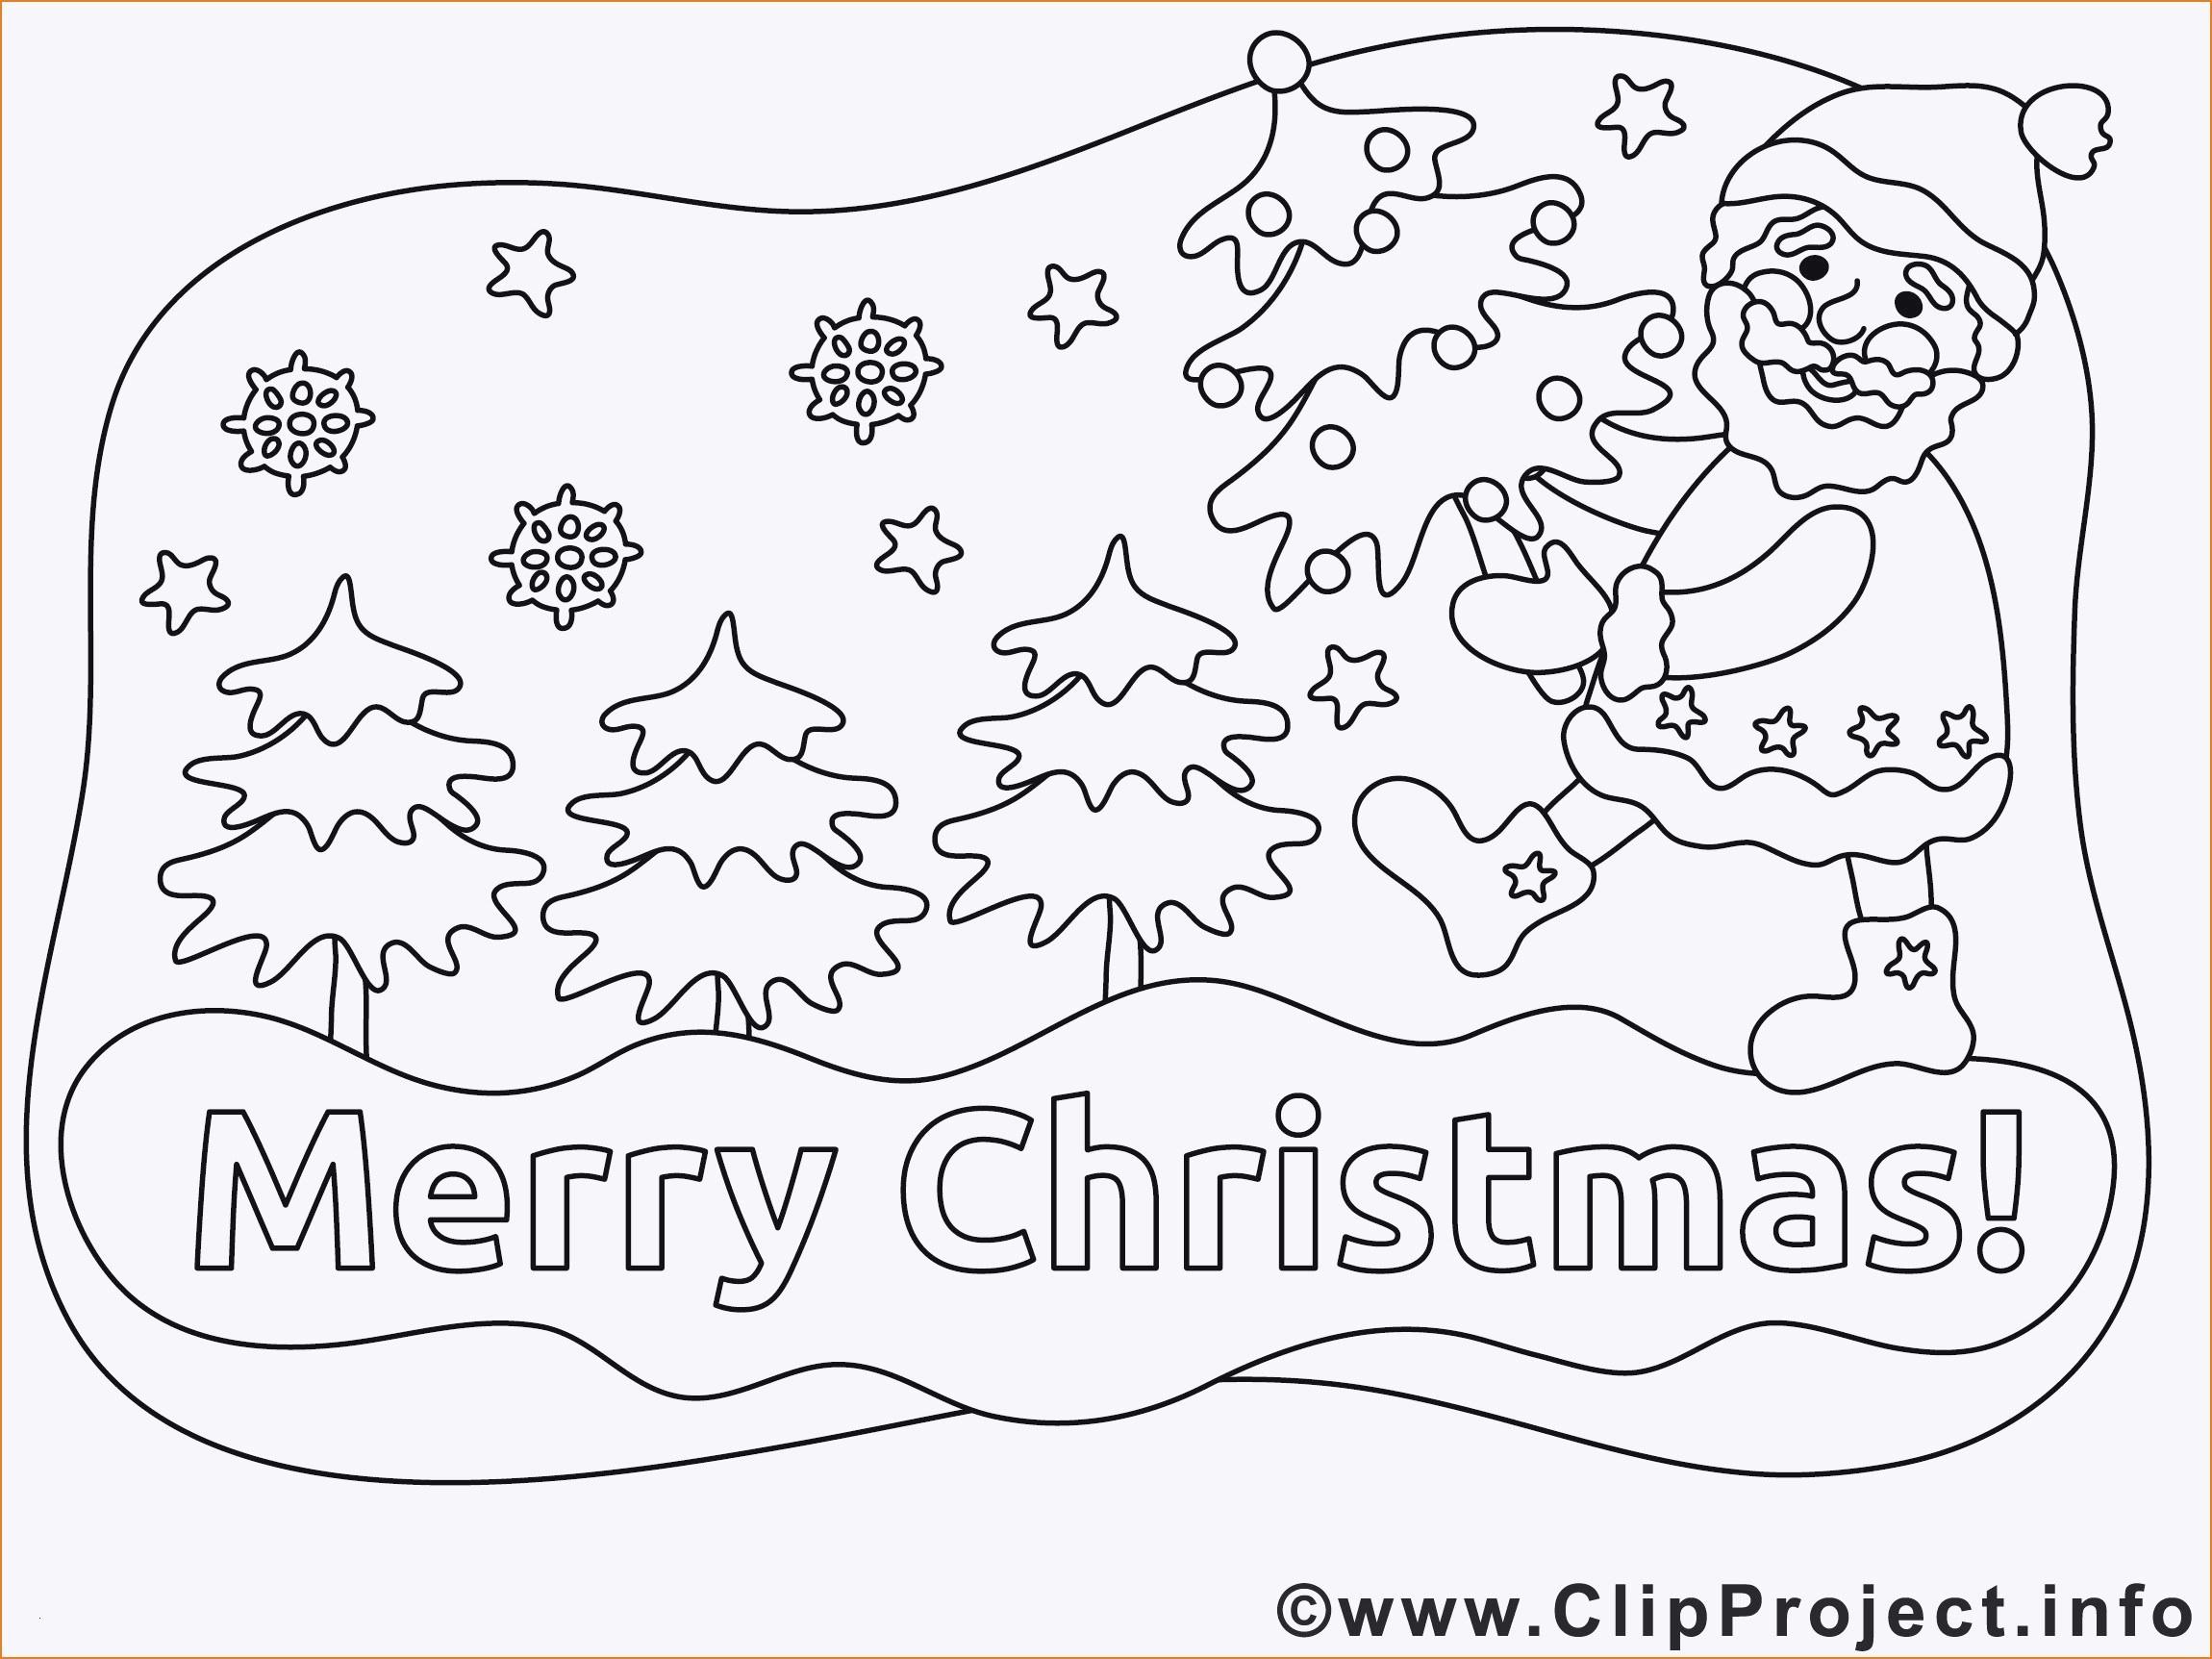 Ausmalbilder Weihnachten - Malvorlagen Für Kinder in Ausmalbilder Weihnachten Ausdrucken